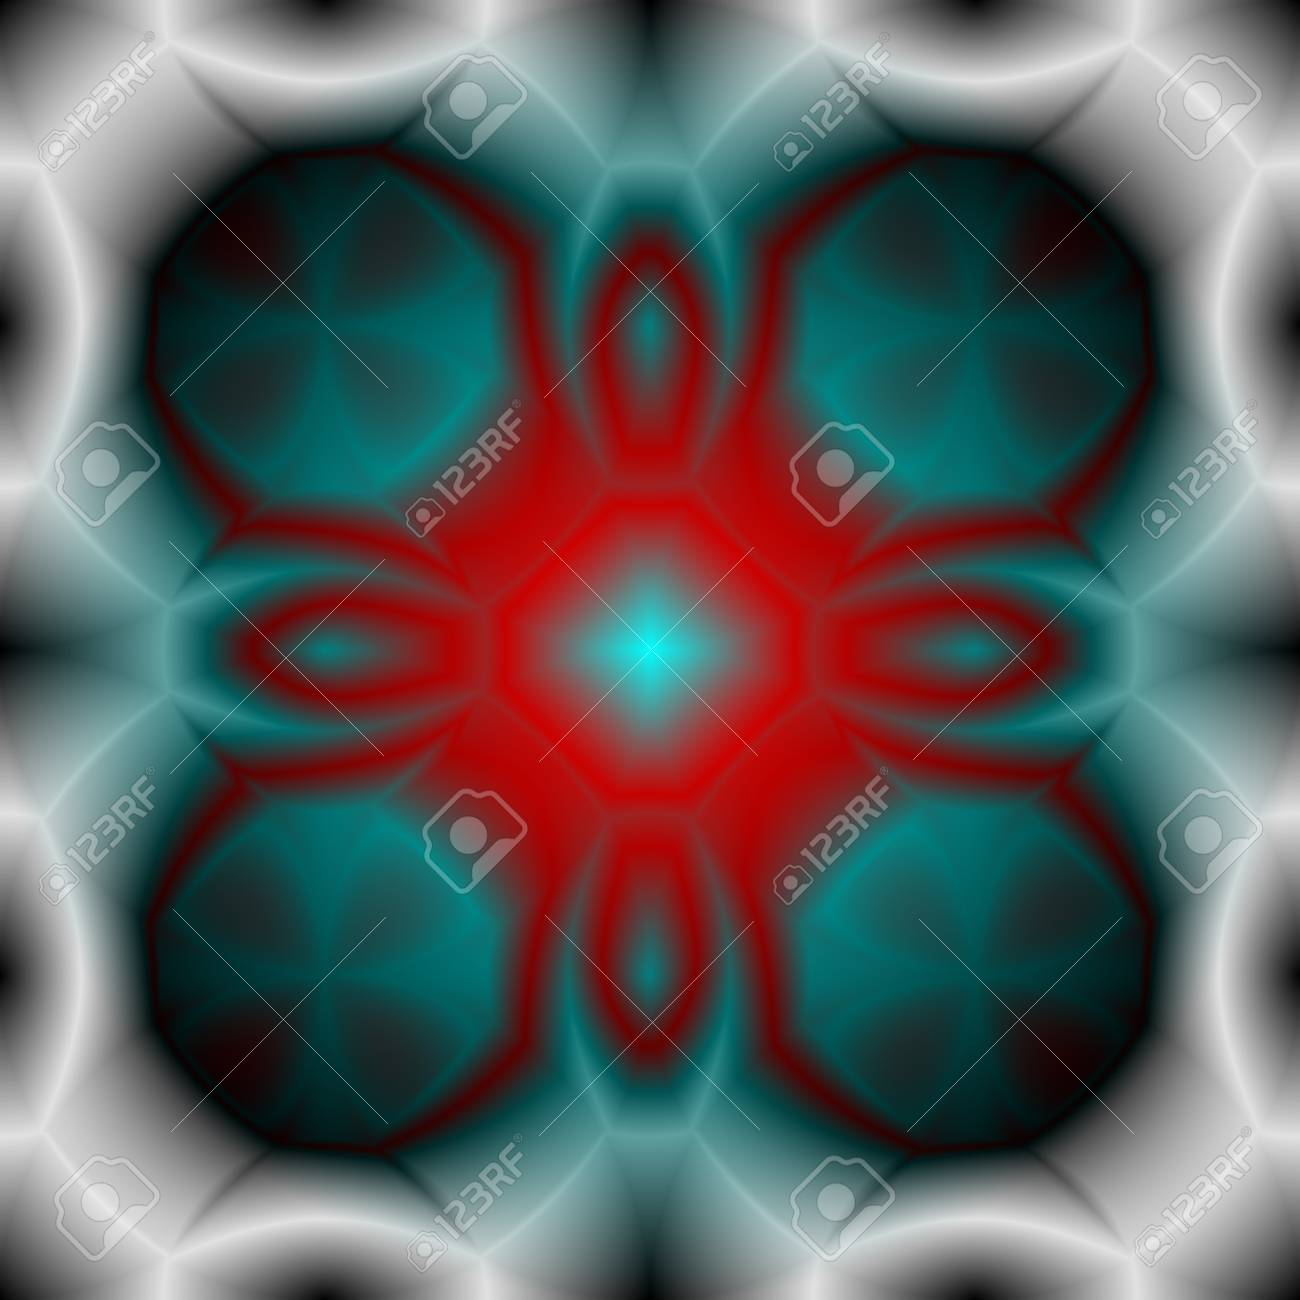 フラクタルと輝き デザインの概念 ポスター バナー Web プレゼンテーション 壁紙 印刷 白の抽象的な技術の背景 未来の宇宙船のアートワーク ベクトルの図 のイラスト素材 ベクタ Image